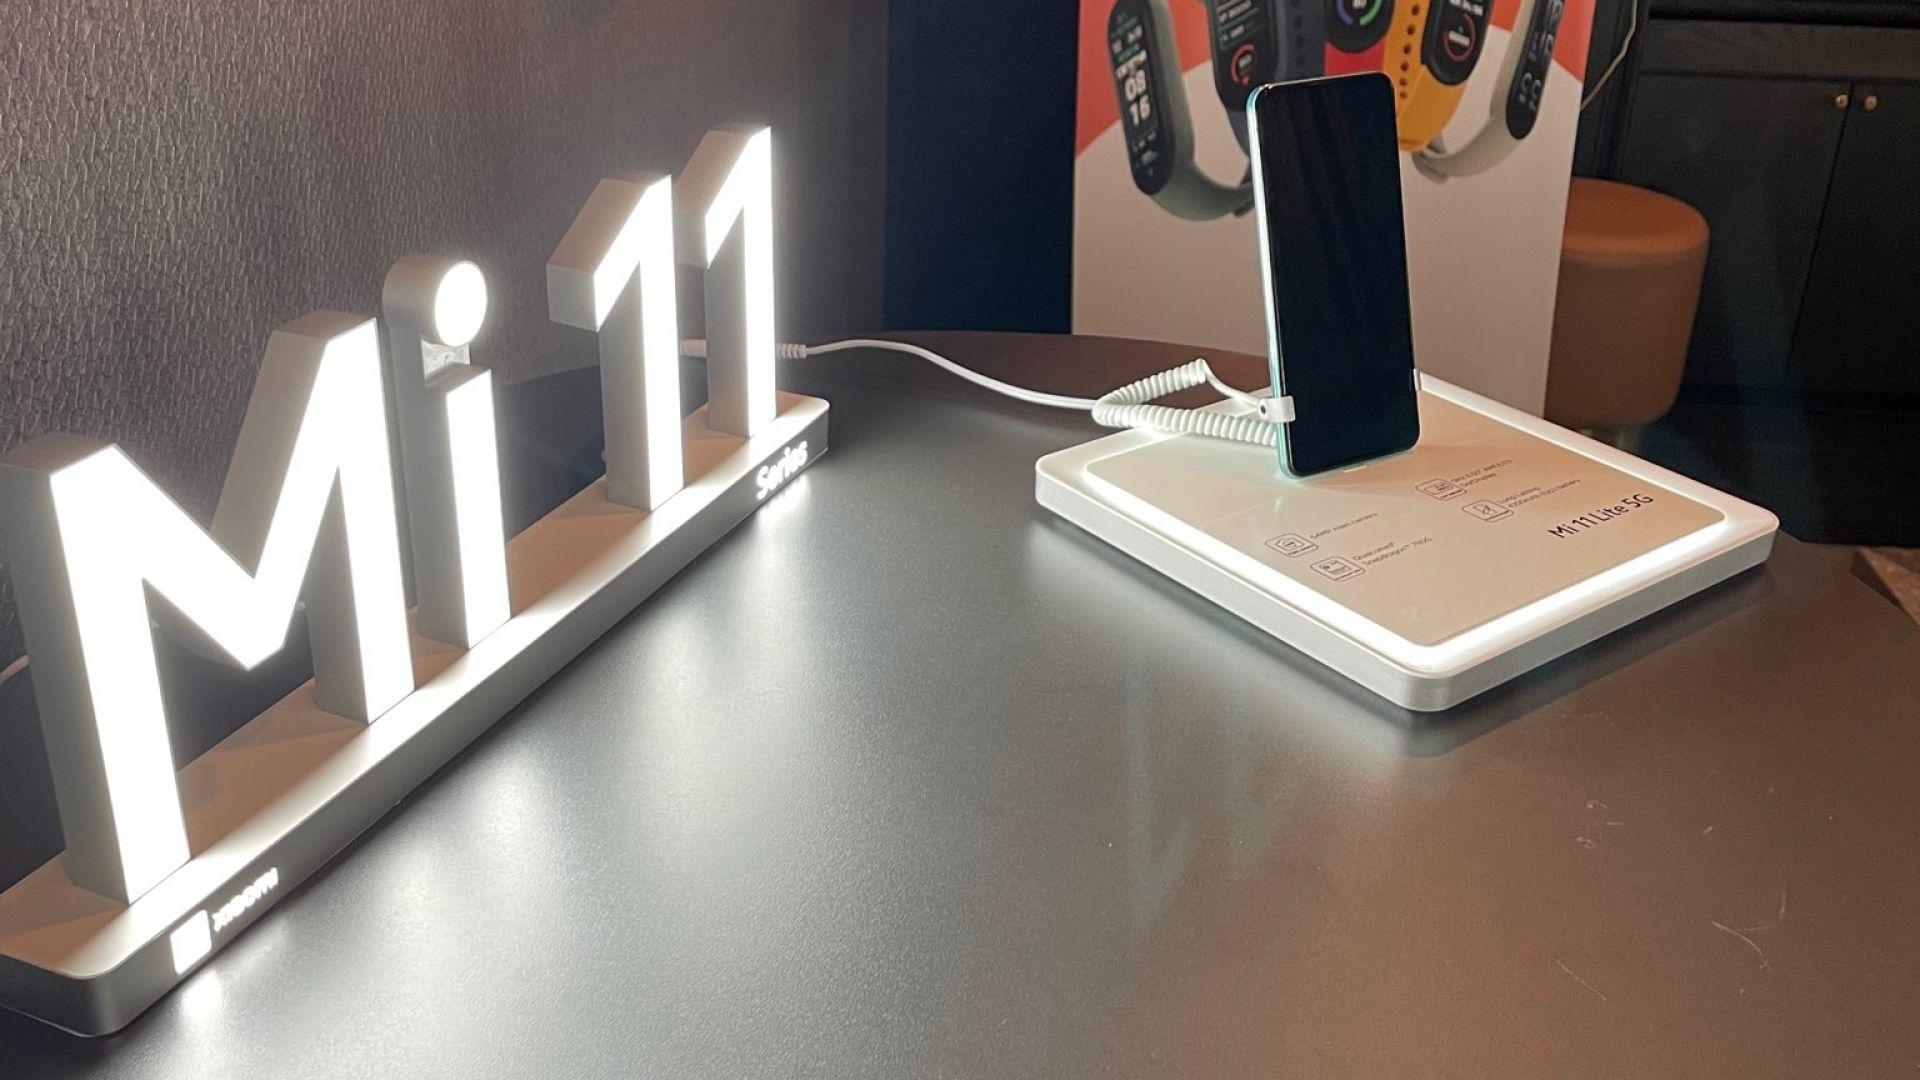 Xiaomi България представи официално серията Mi 11 в страната